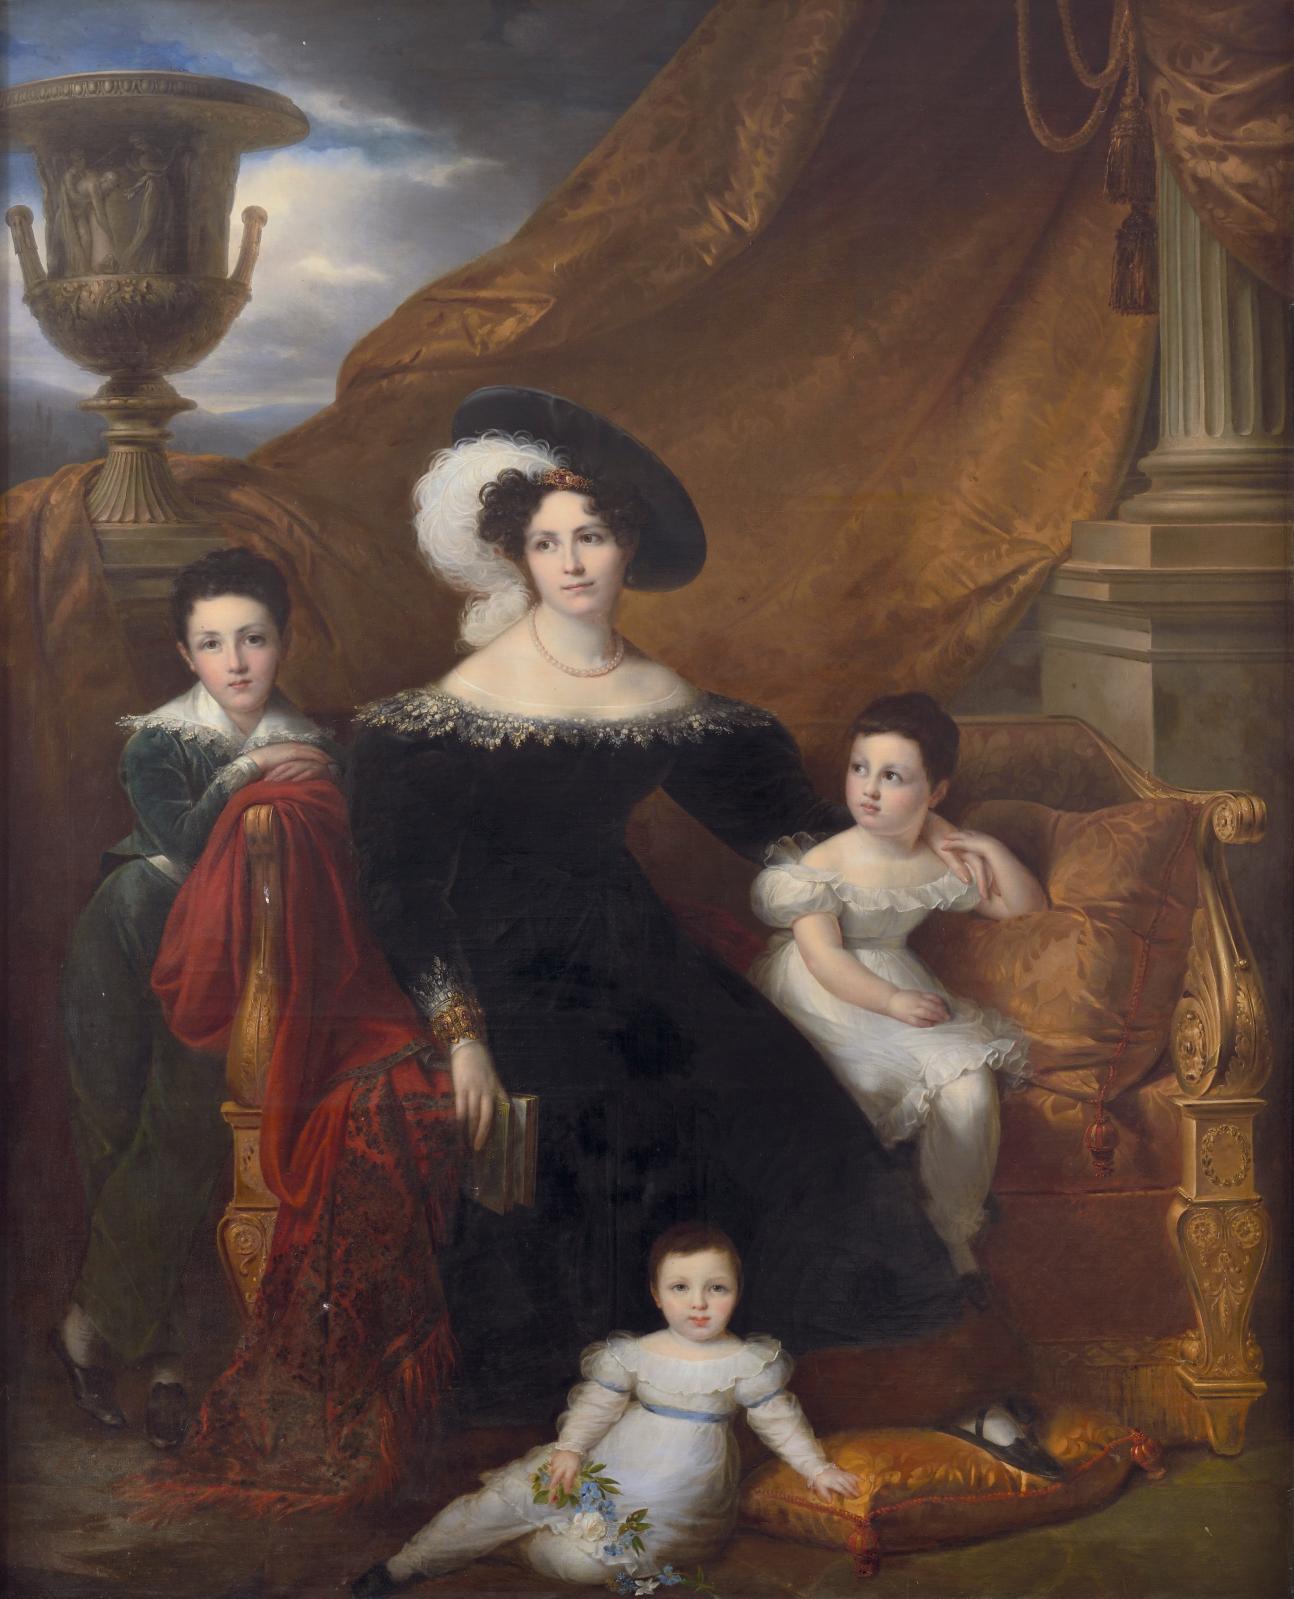 Ce Portrait de Céline Chagot deFays(1797-1881), marquise Amelot deChaillou, et ses enfants, Antoine, Anna et Marie, est sans doute la toile que Fra